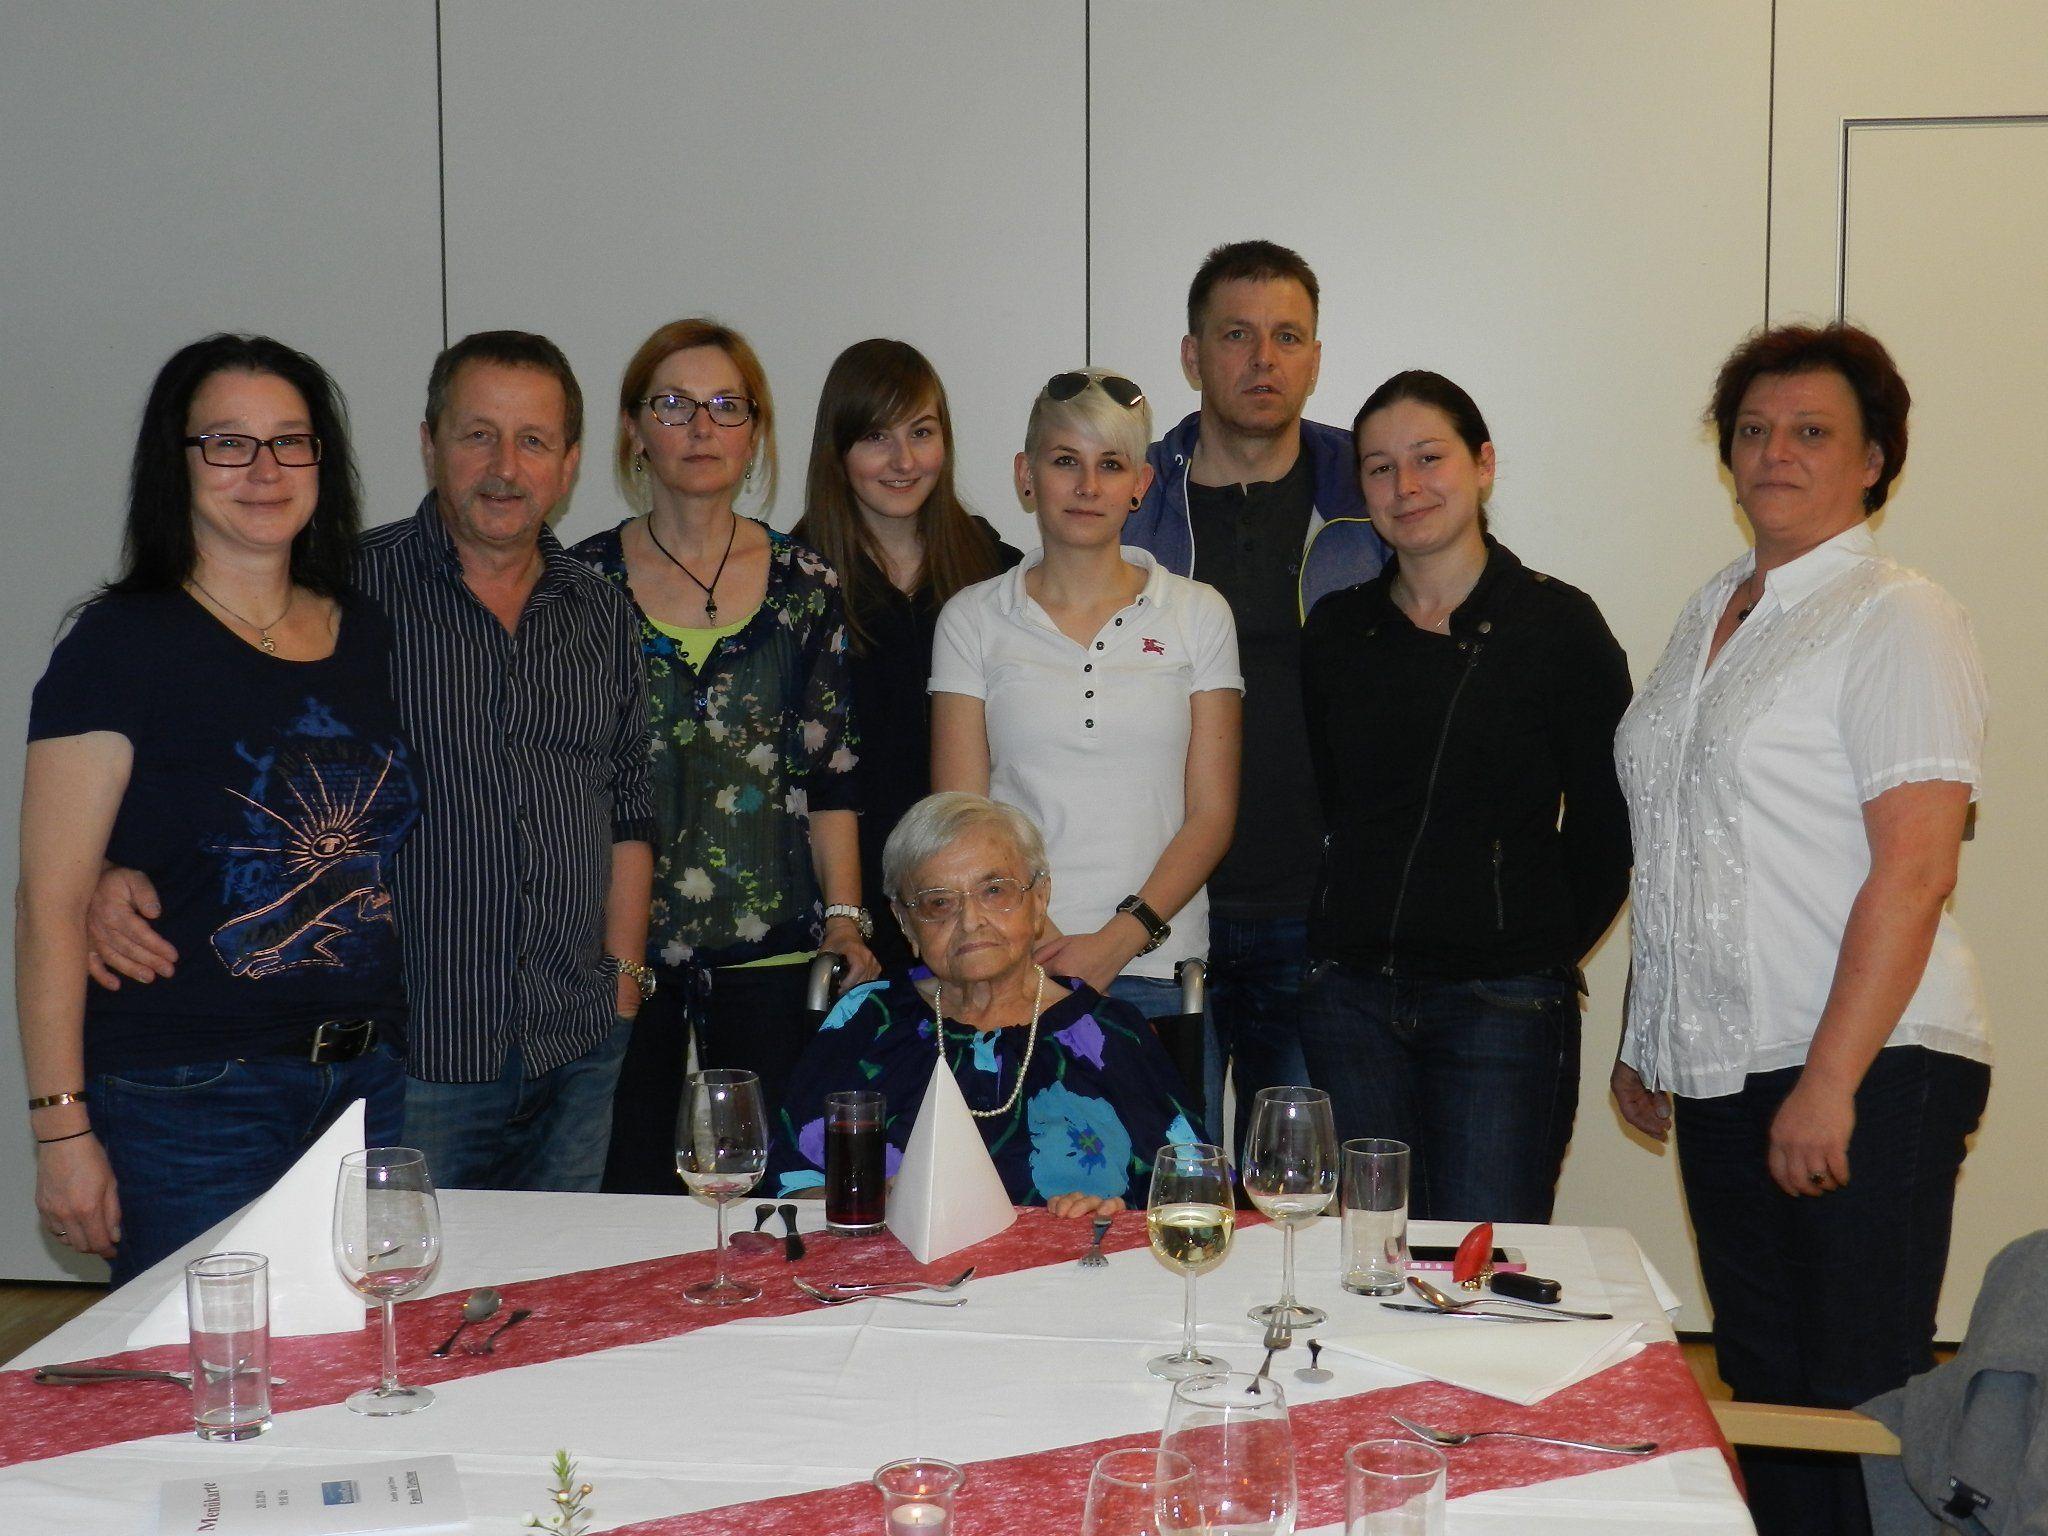 Marianne Türtscher, Bewohnerin des SeneCura Sozialzentrums Bludenz, im Kreis ihrer Familie und gemeinsam mit Wohnbereichsleiterin Andrea Mildner (rechts).